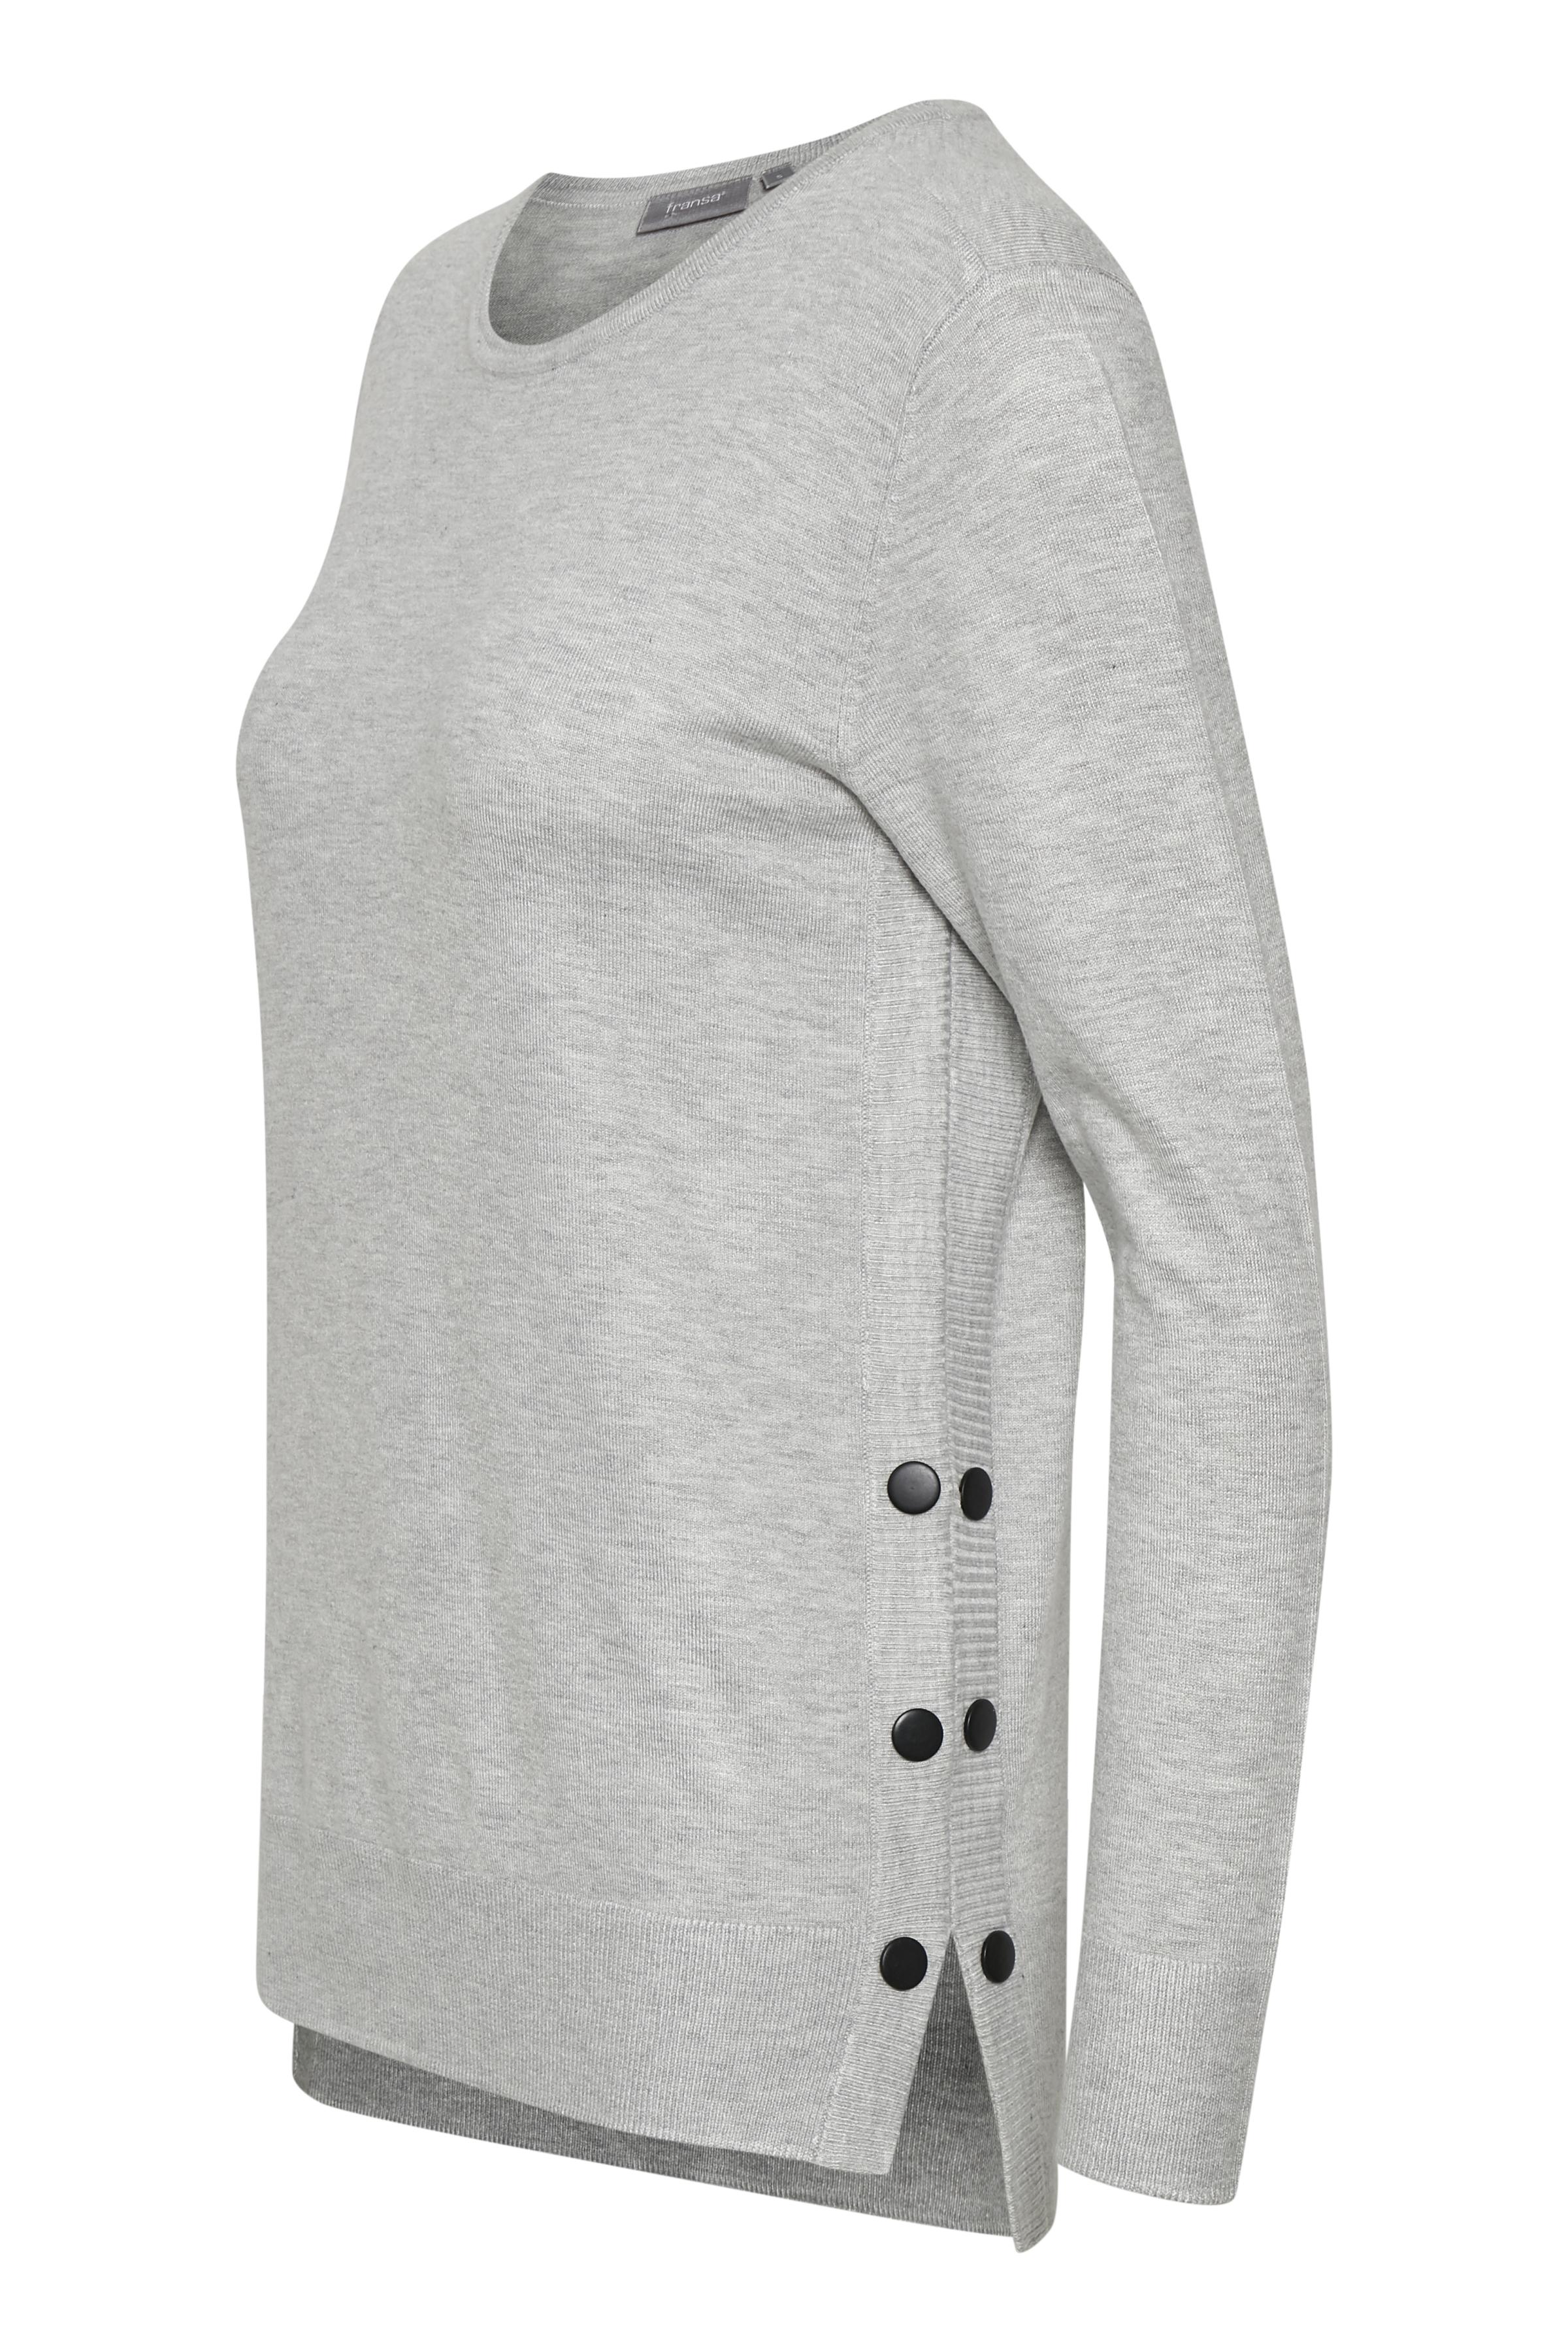 Ljus gråmelerad Stickad pullover från Fransa – Köp Ljus gråmelerad Stickad pullover från stl. XS-XXL här